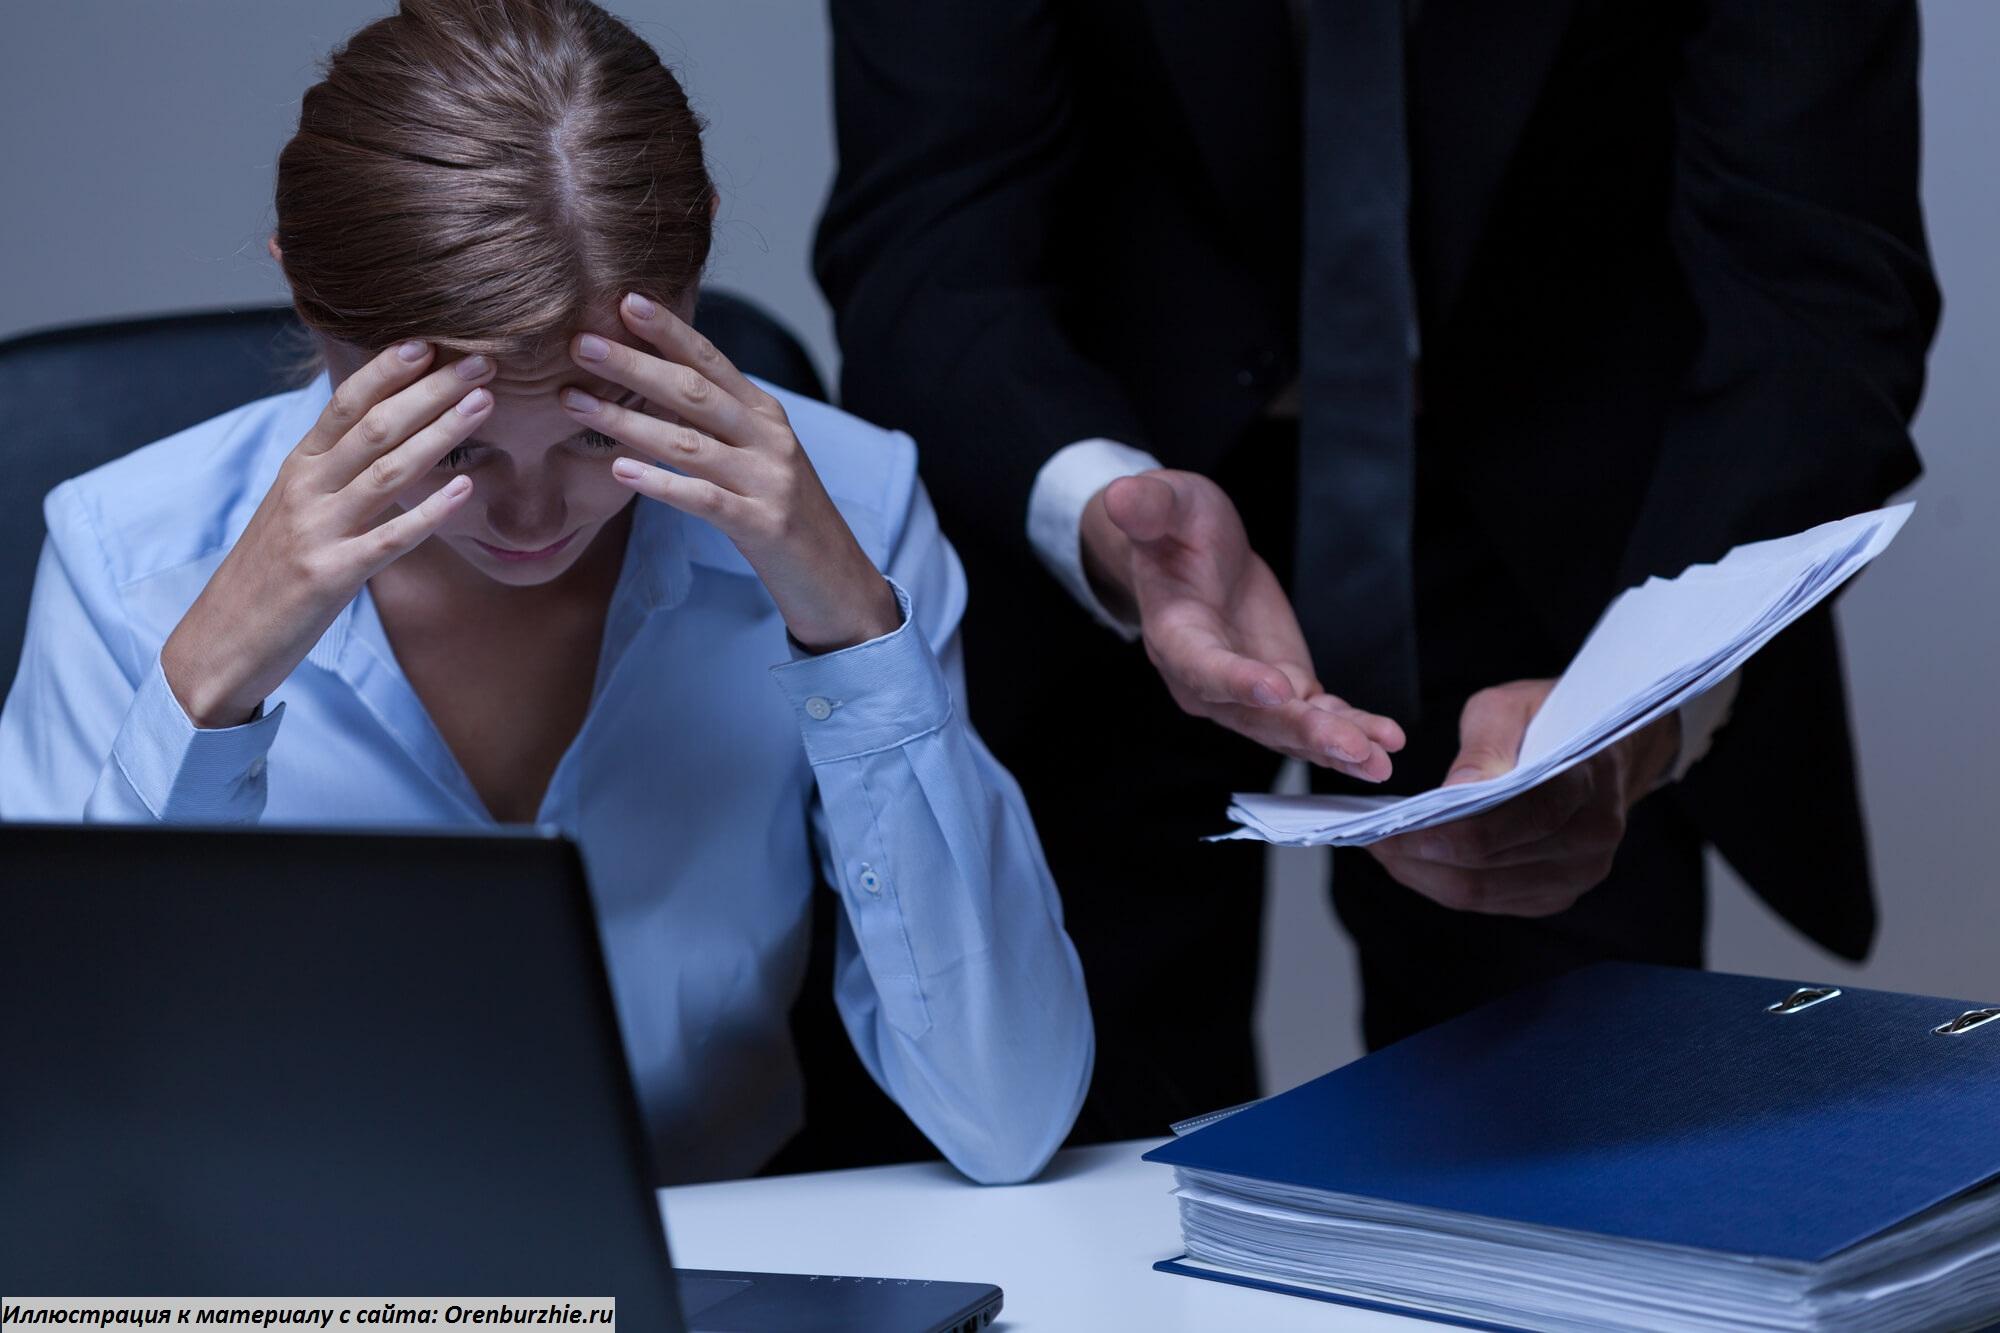 трудовые споры в суде увольнение